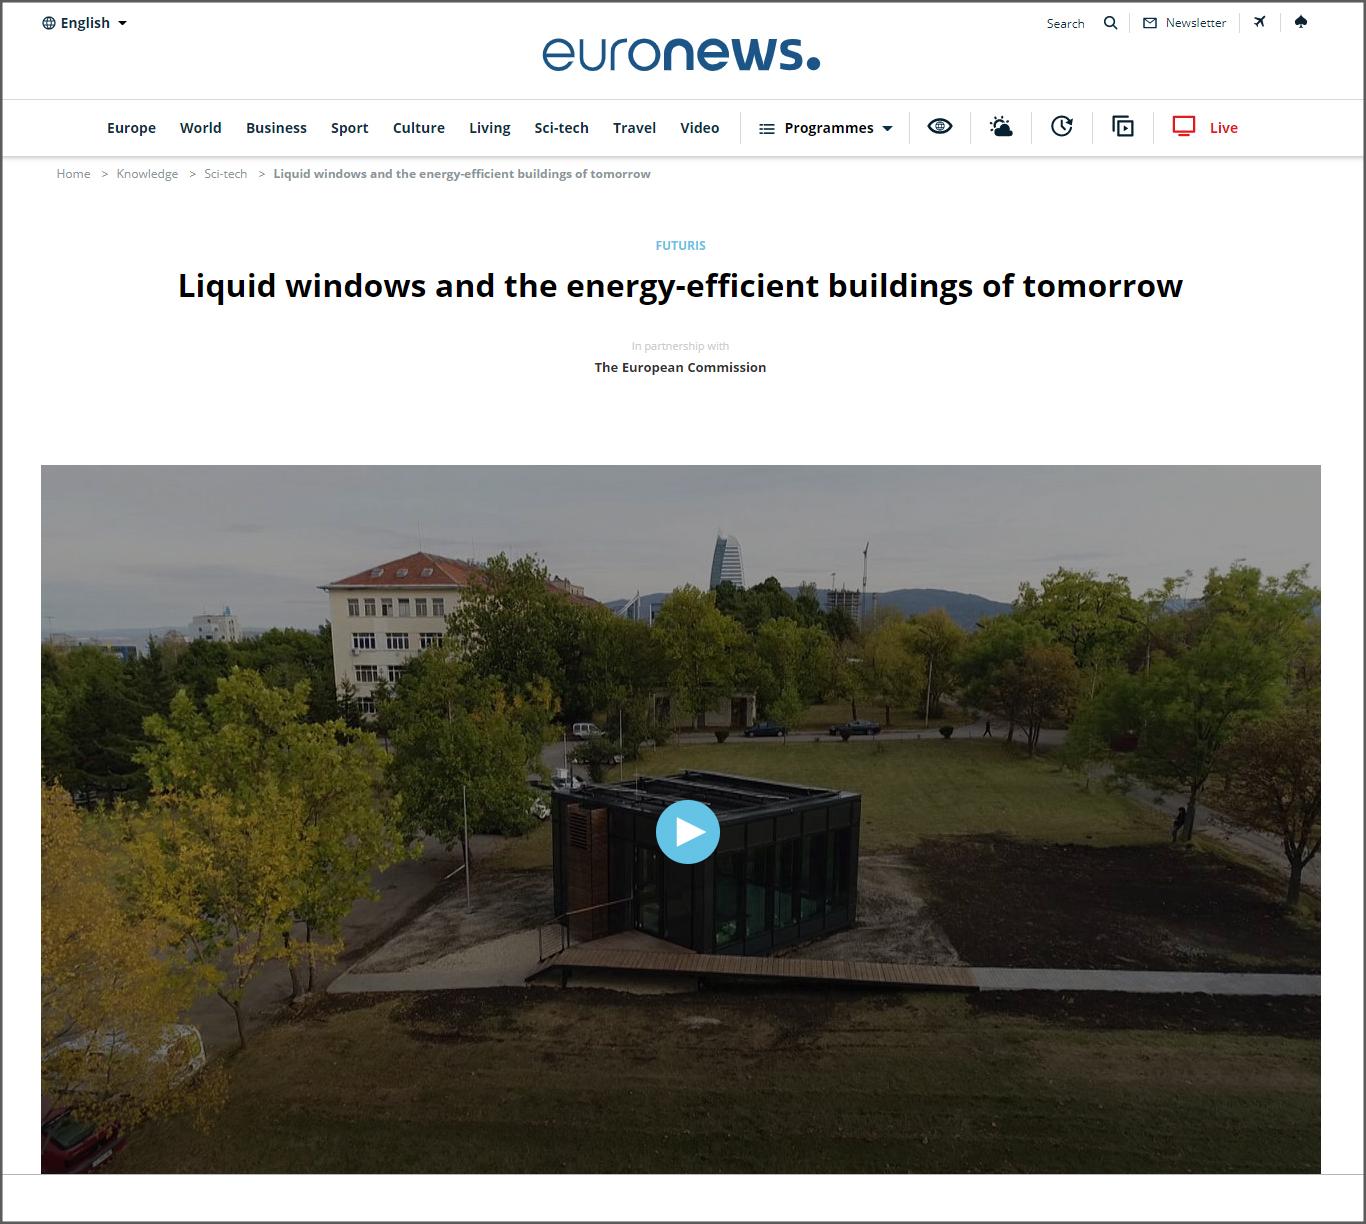 Weiterleitung zum Bericht auf Euronews